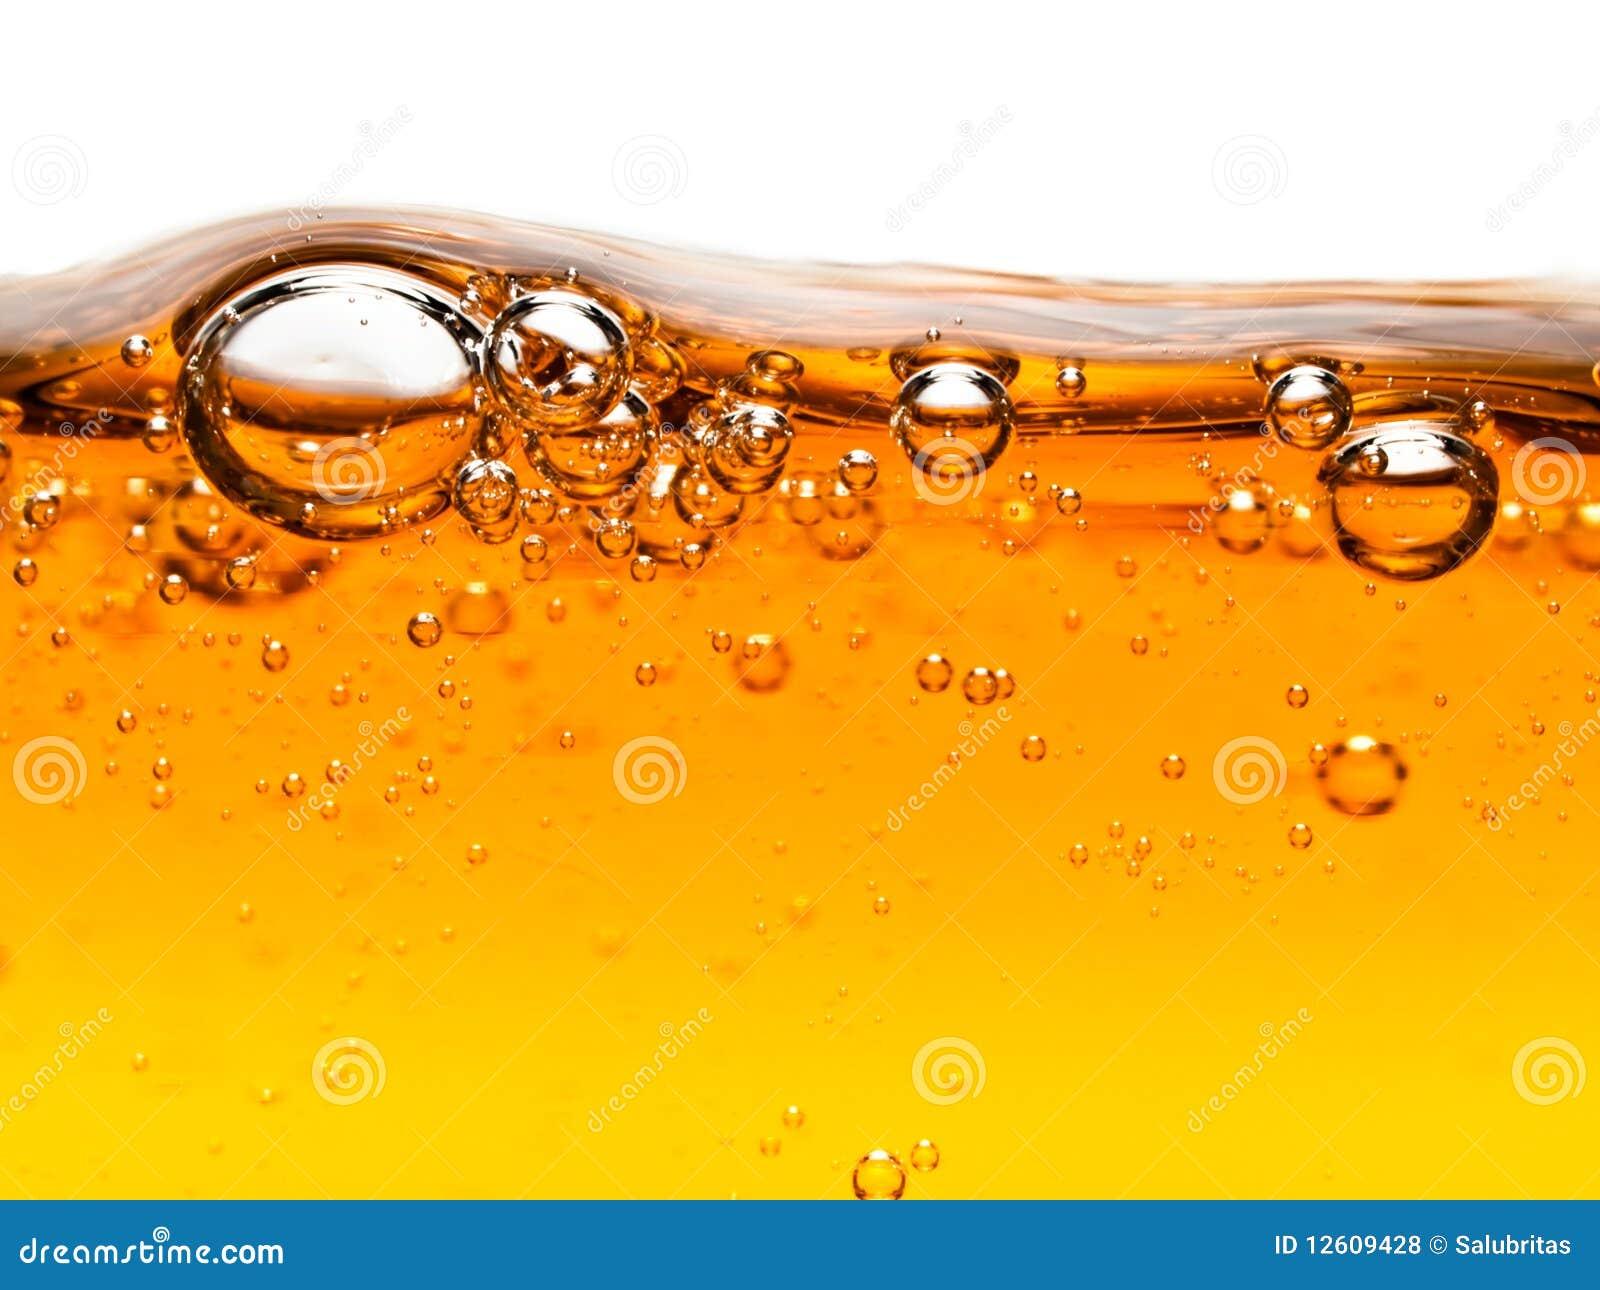 Bąbli ciekły pomarańcze mydło